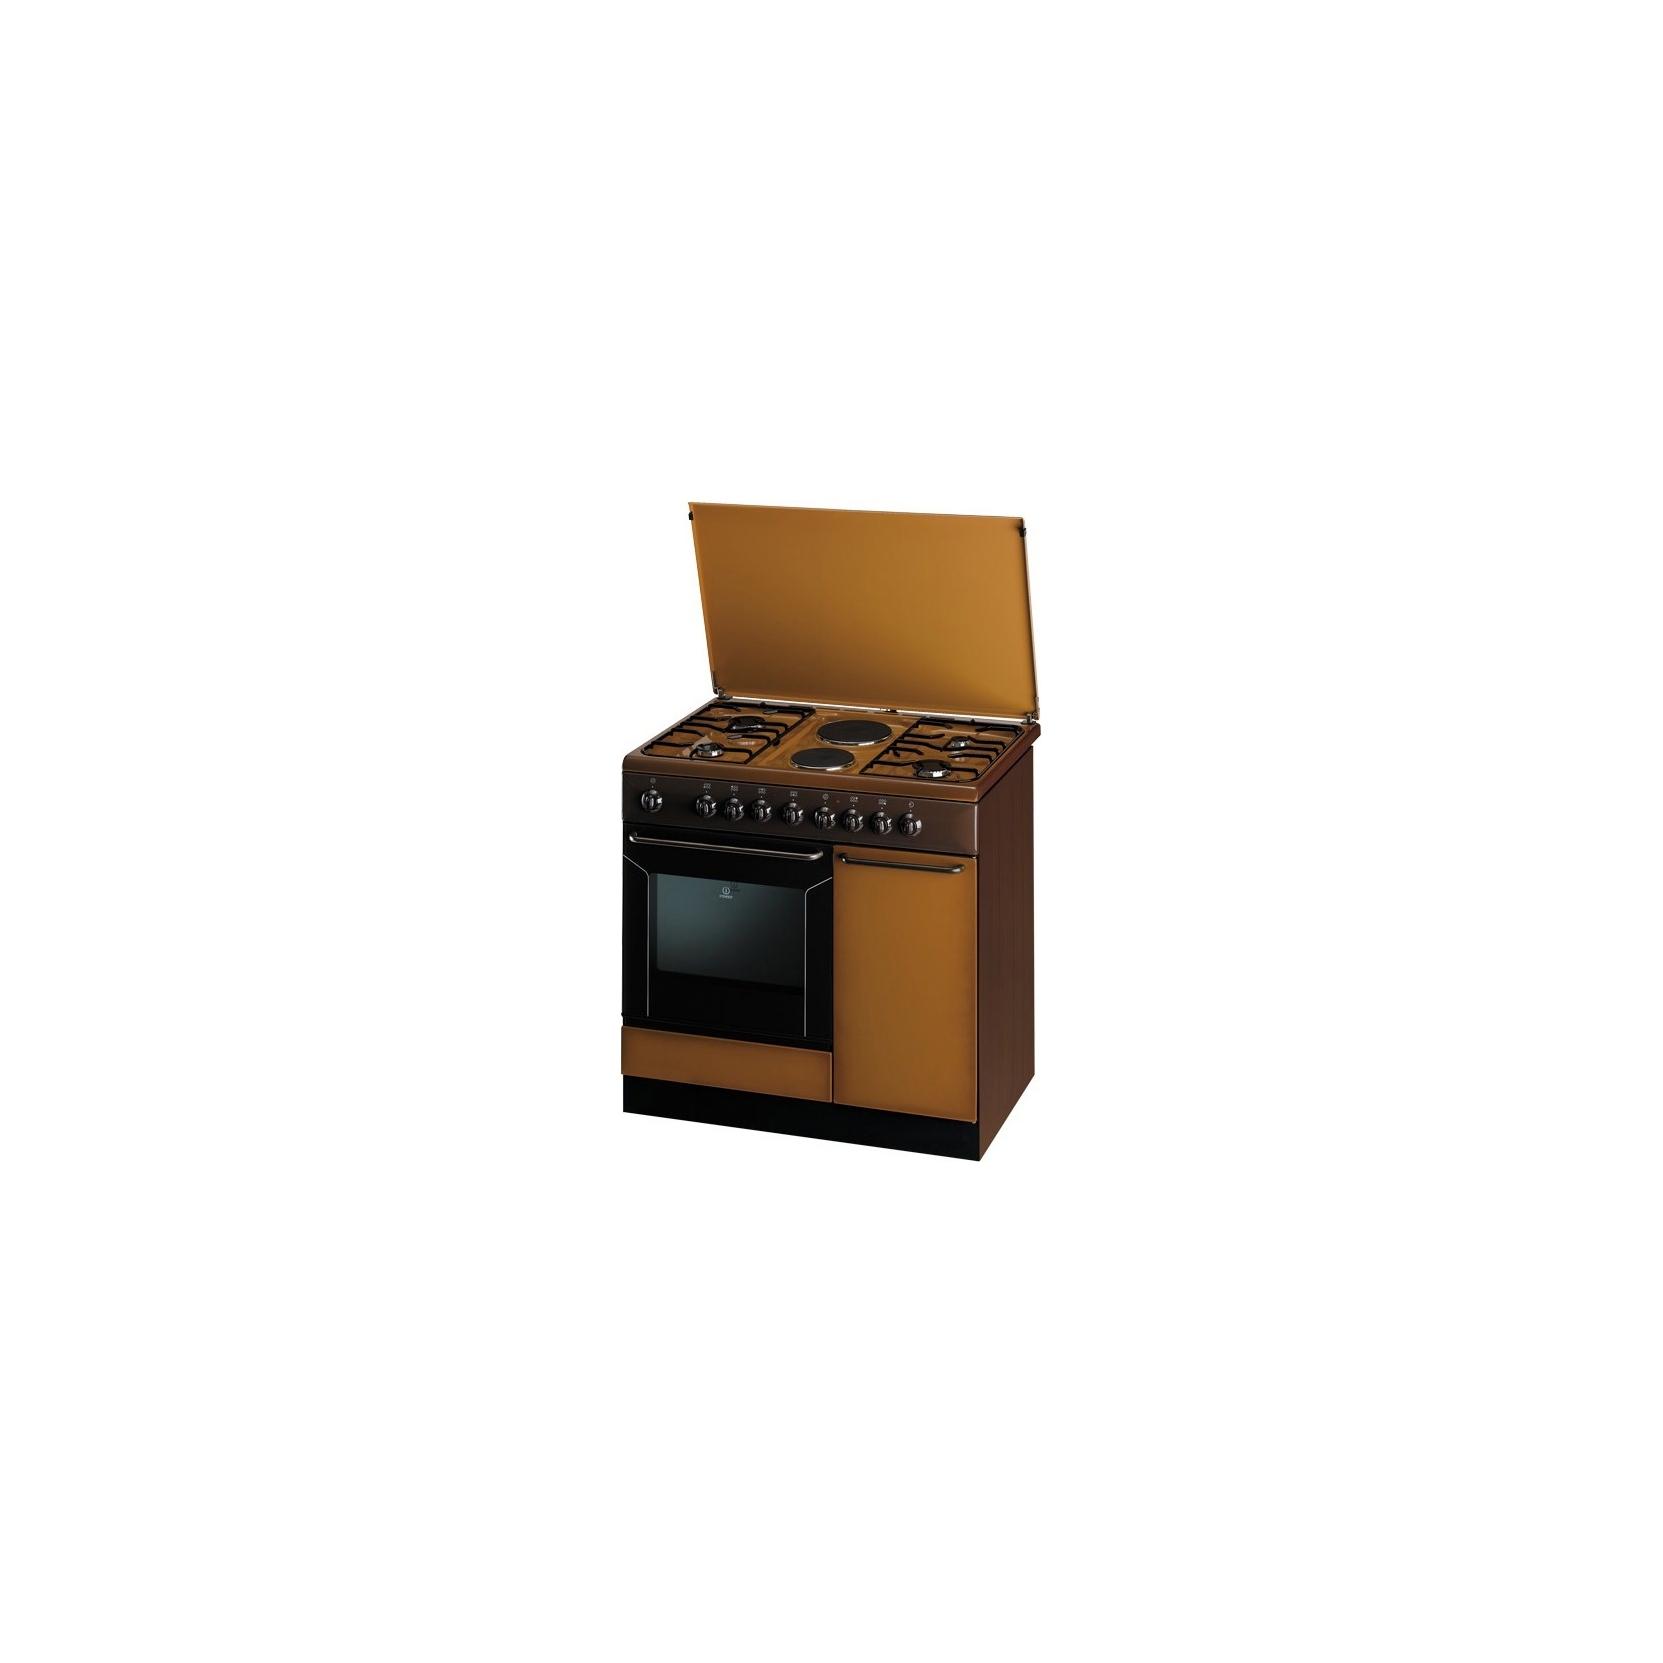 Cucina indesit k9b11sb b i 90x60cm 4 fuochi 2 piastre elettriche colore coppertone - Cucine a gas indesit ...